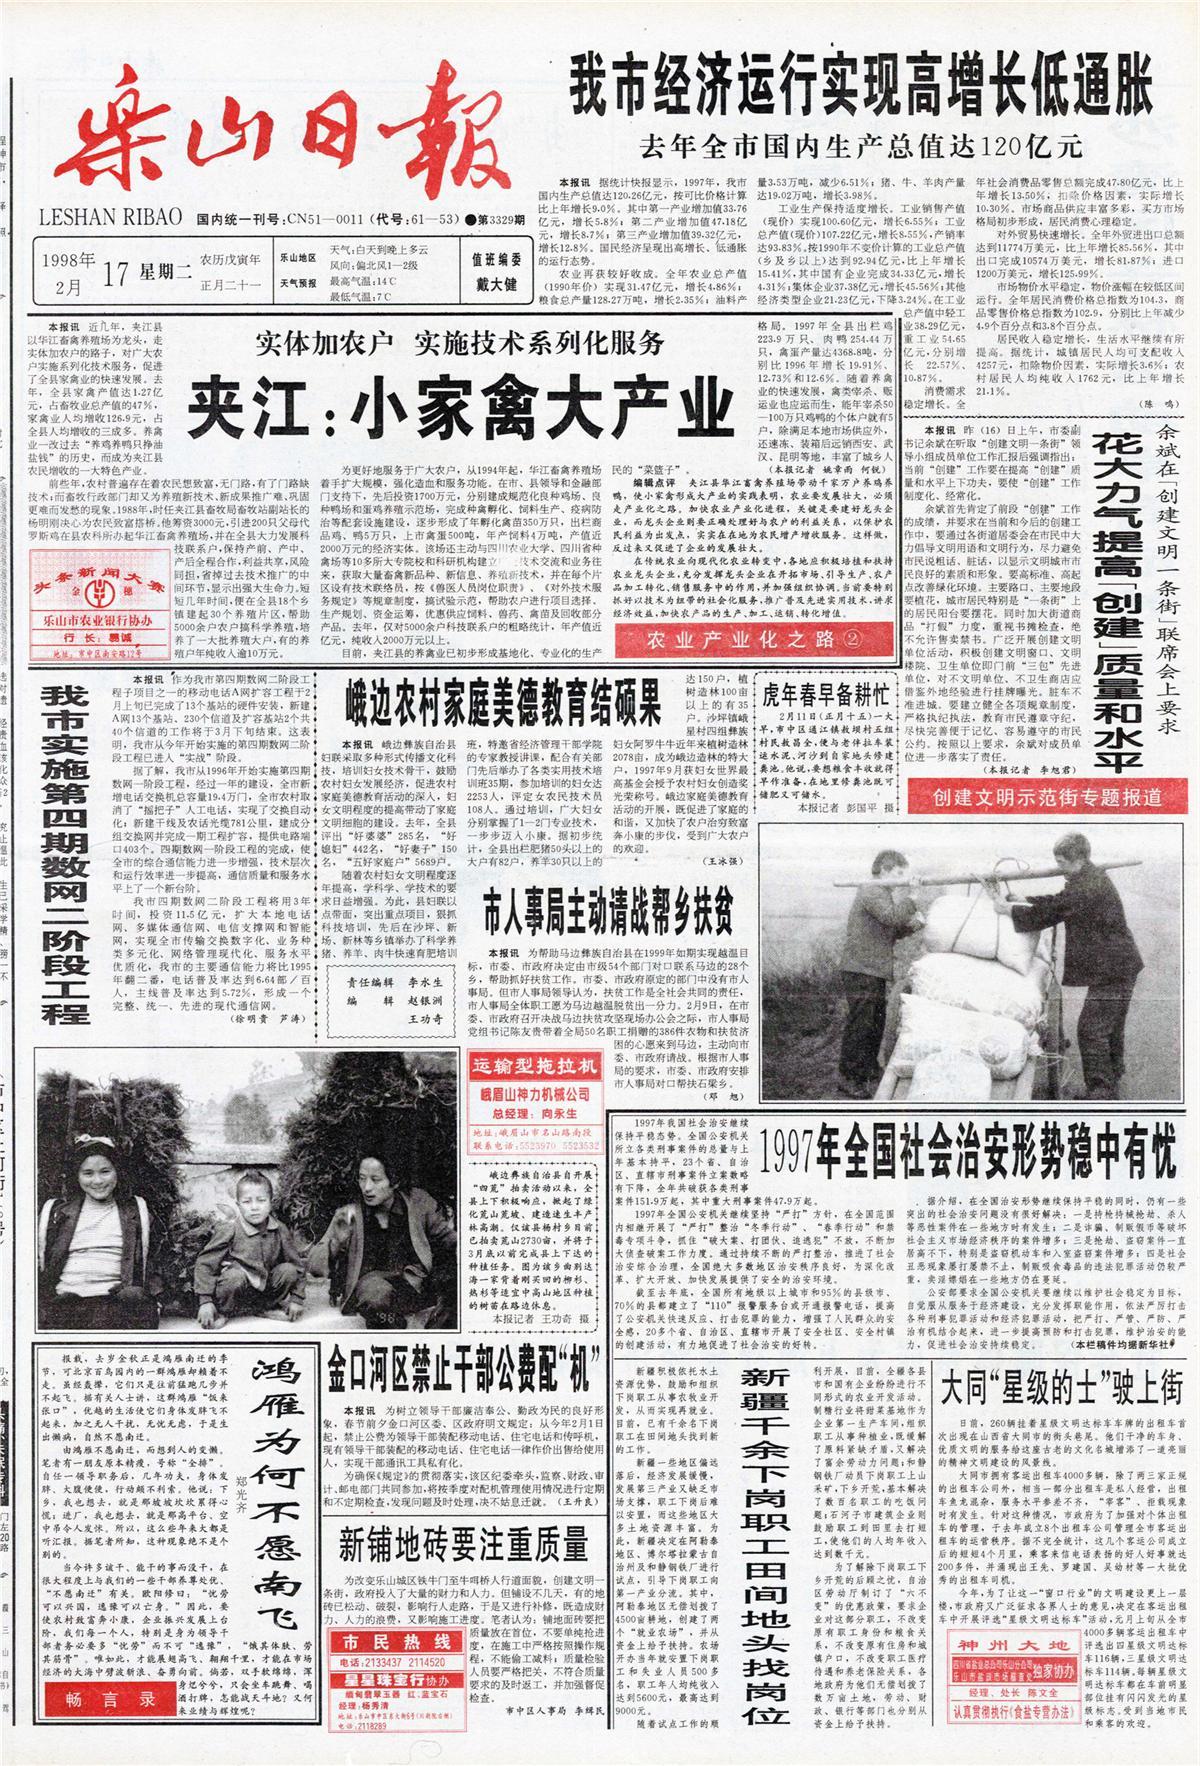 乐山日报第一版